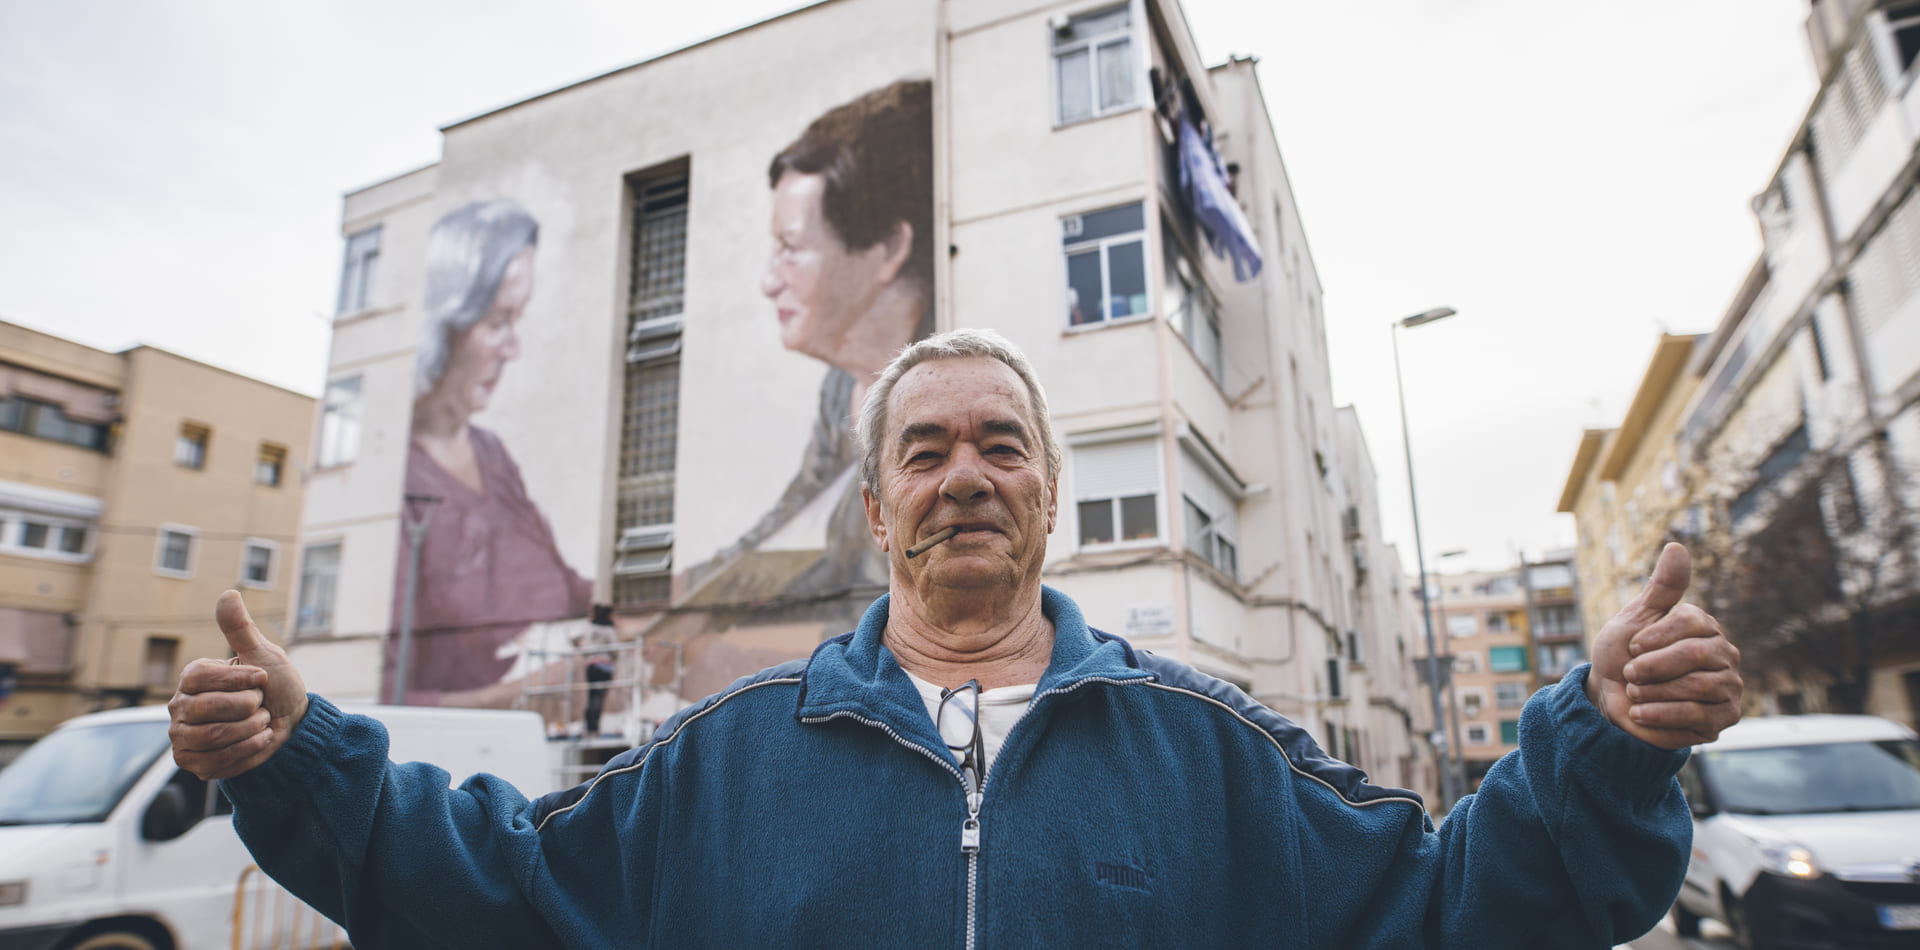 Mural comunitario de la Gente Mayor por la artista Elisa Capdevila, l'Hospitalet de Llobregat, 2019